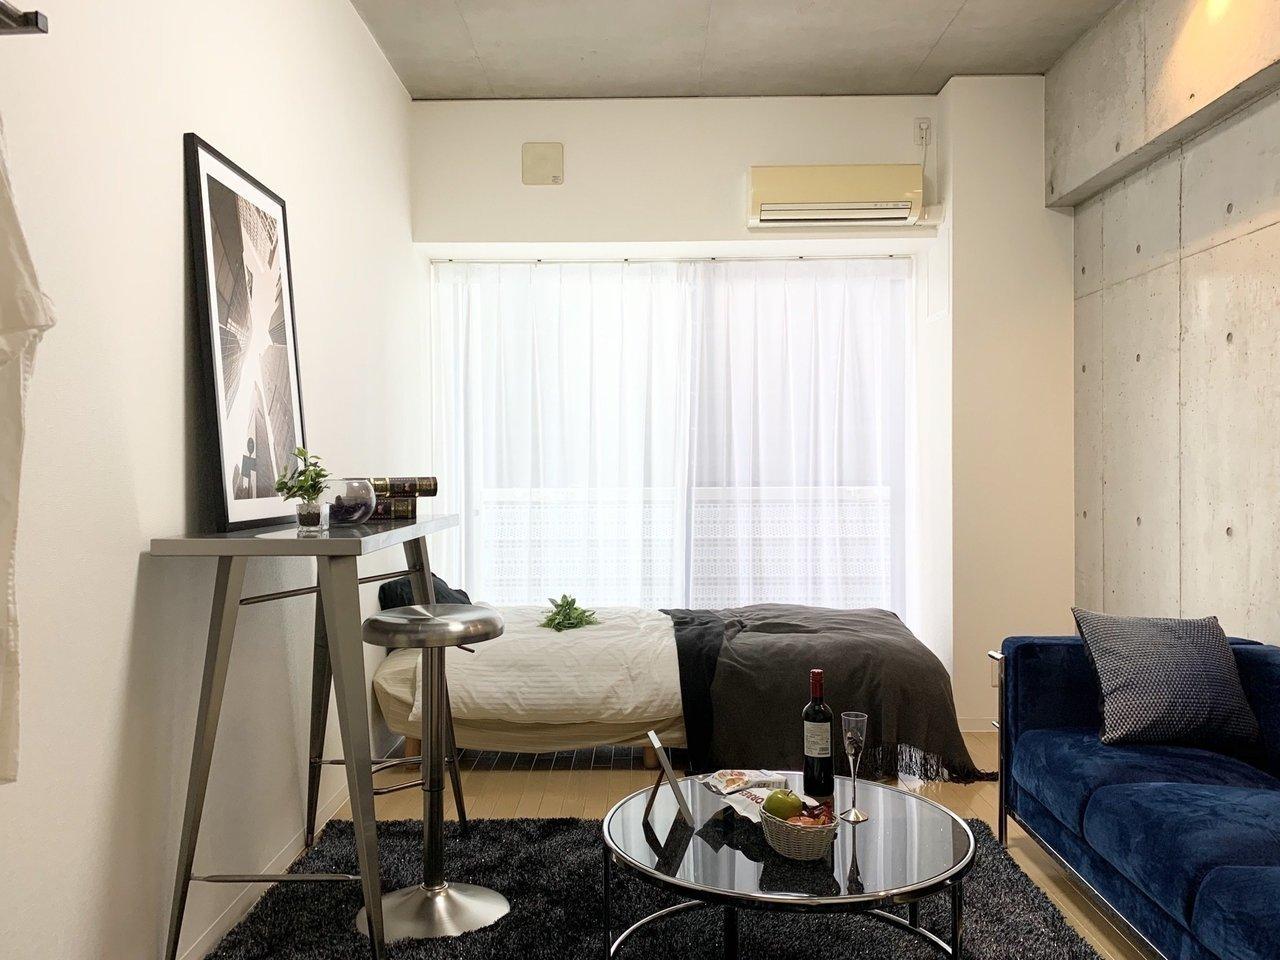 引越しを検討している方はお早めに!名古屋エリアの初期費用が安いお部屋まとめ